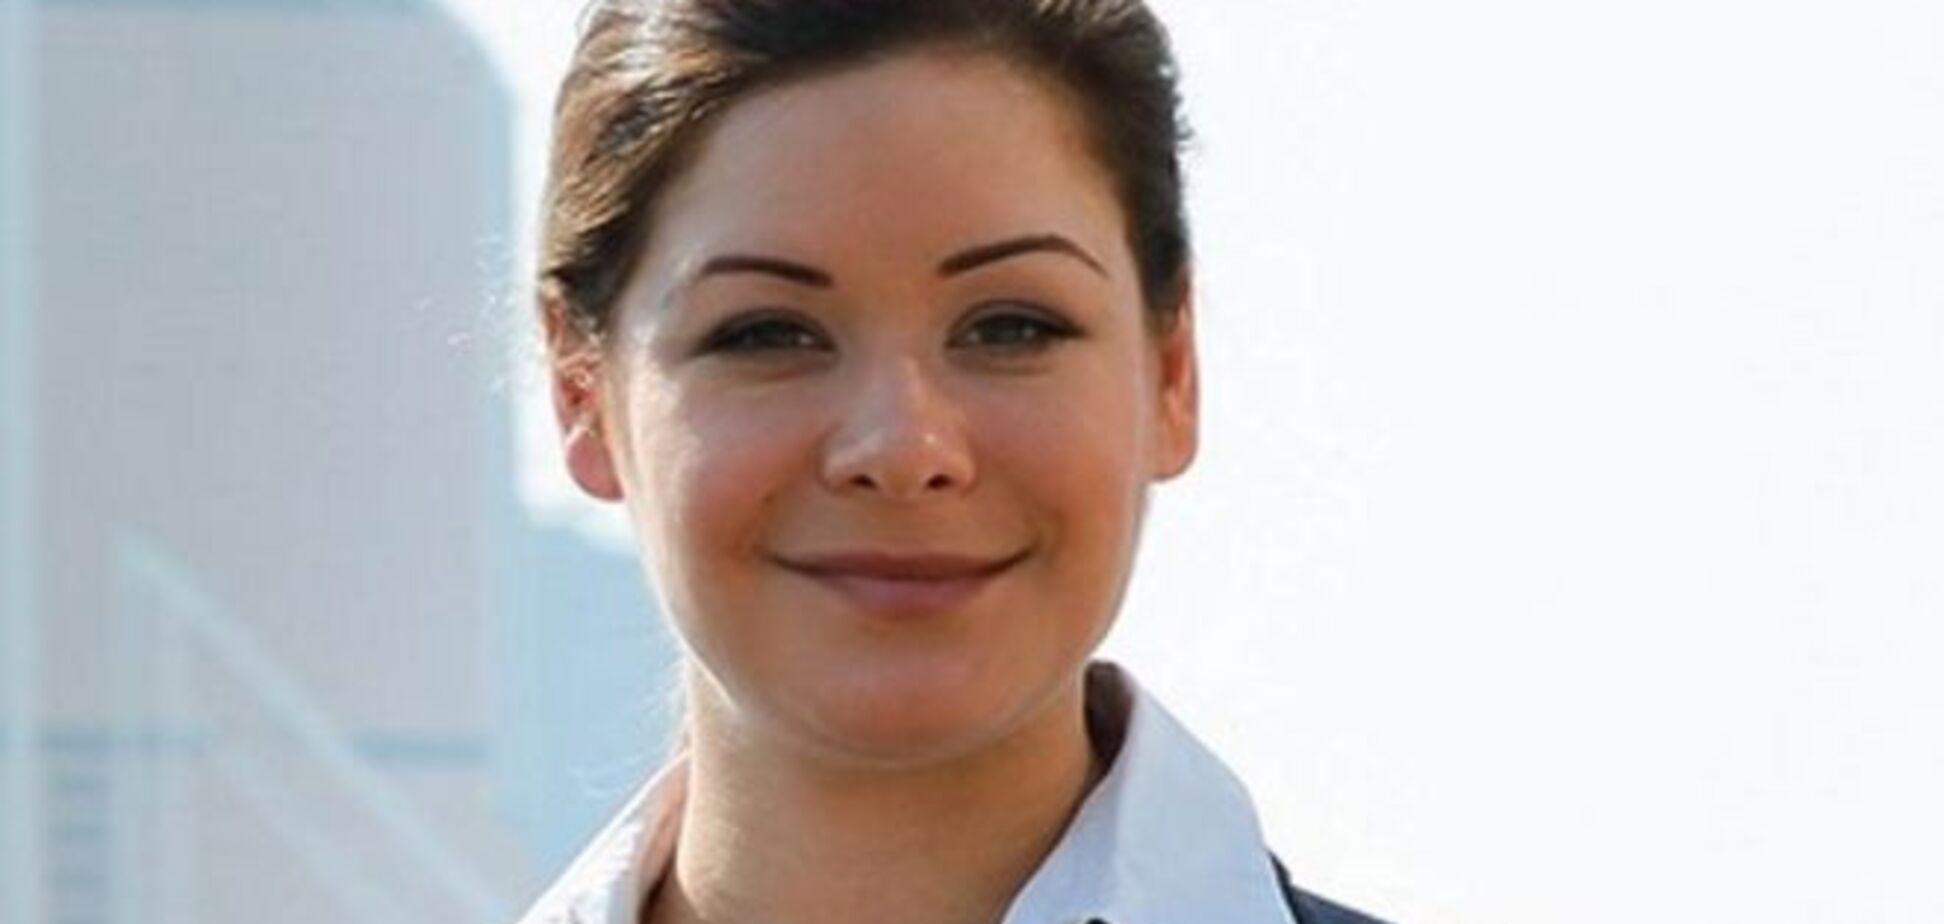 Гайдар рассказала, чем Саакашвили заманил ее в Одессу